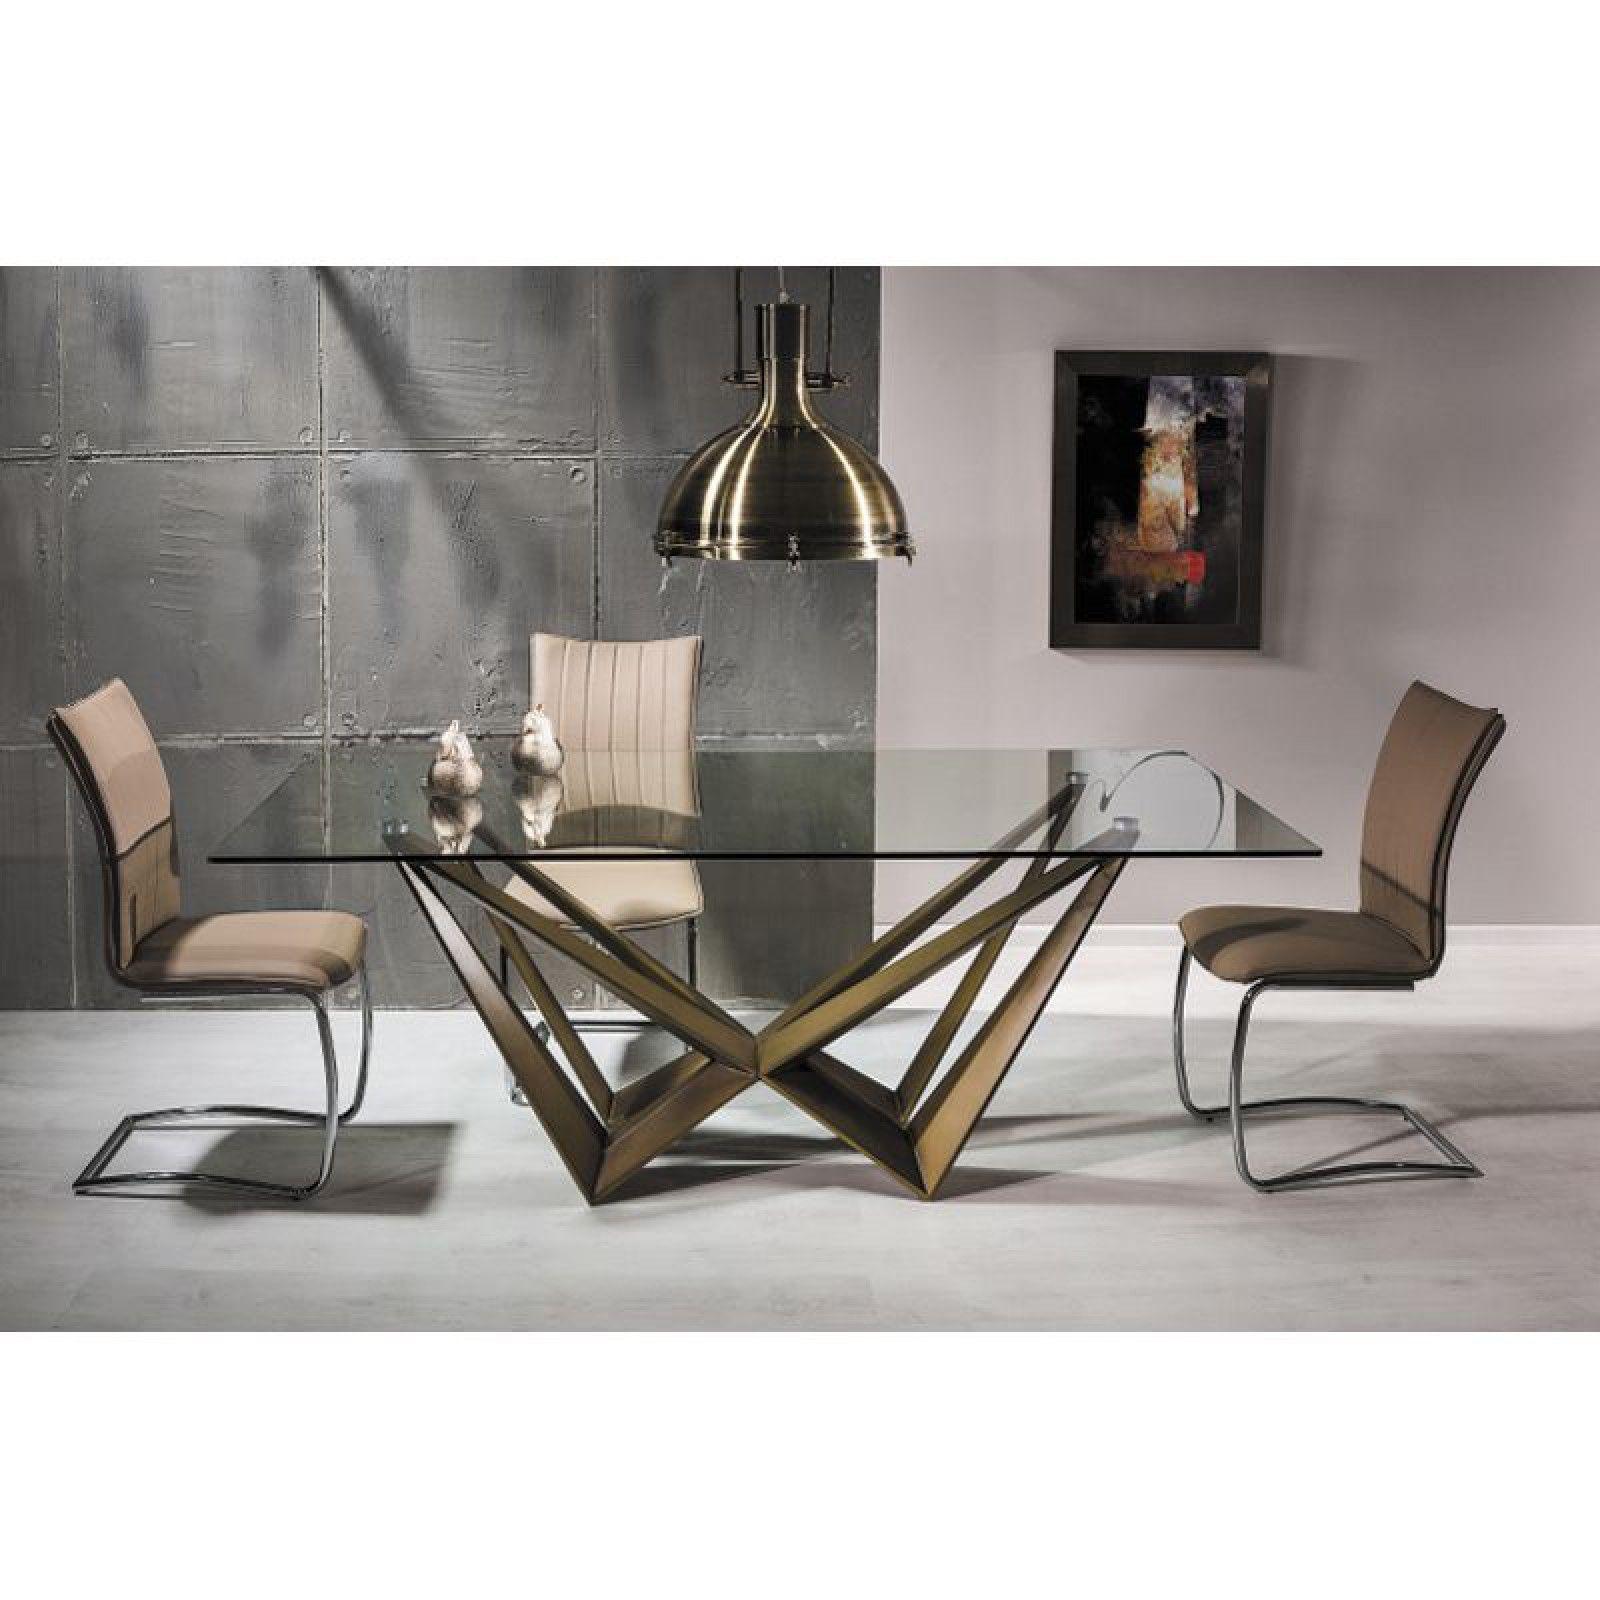 Aston Asztal 200cm Arany 8 személyes modern stílusú étkező